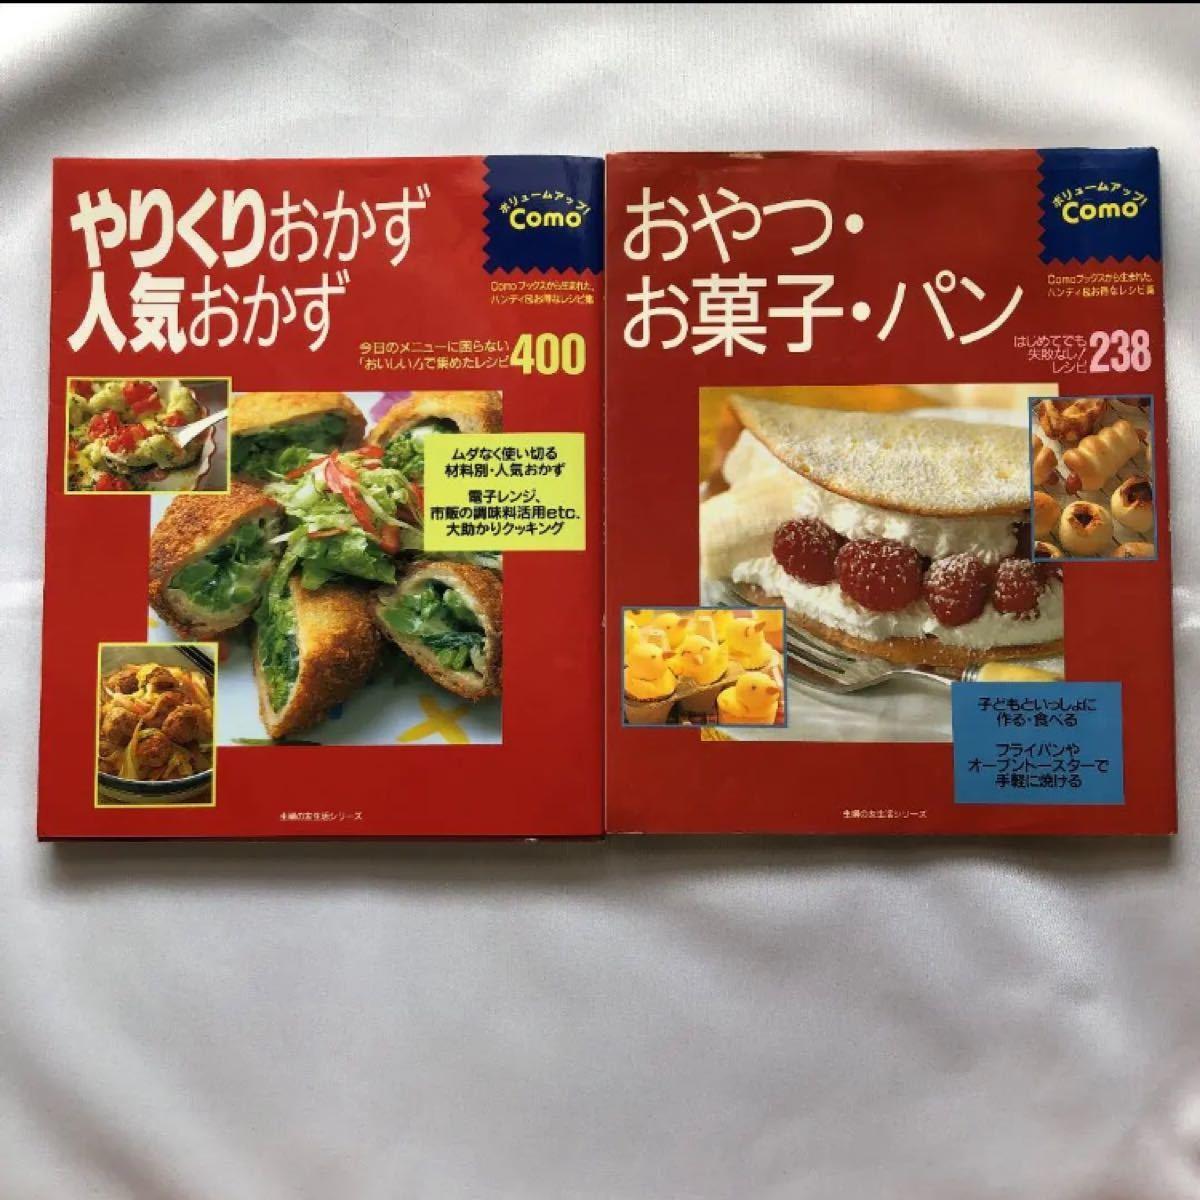 やりくりおかず・人気おかず: レシピ400、おやつ・お菓子・パン: レシピ238